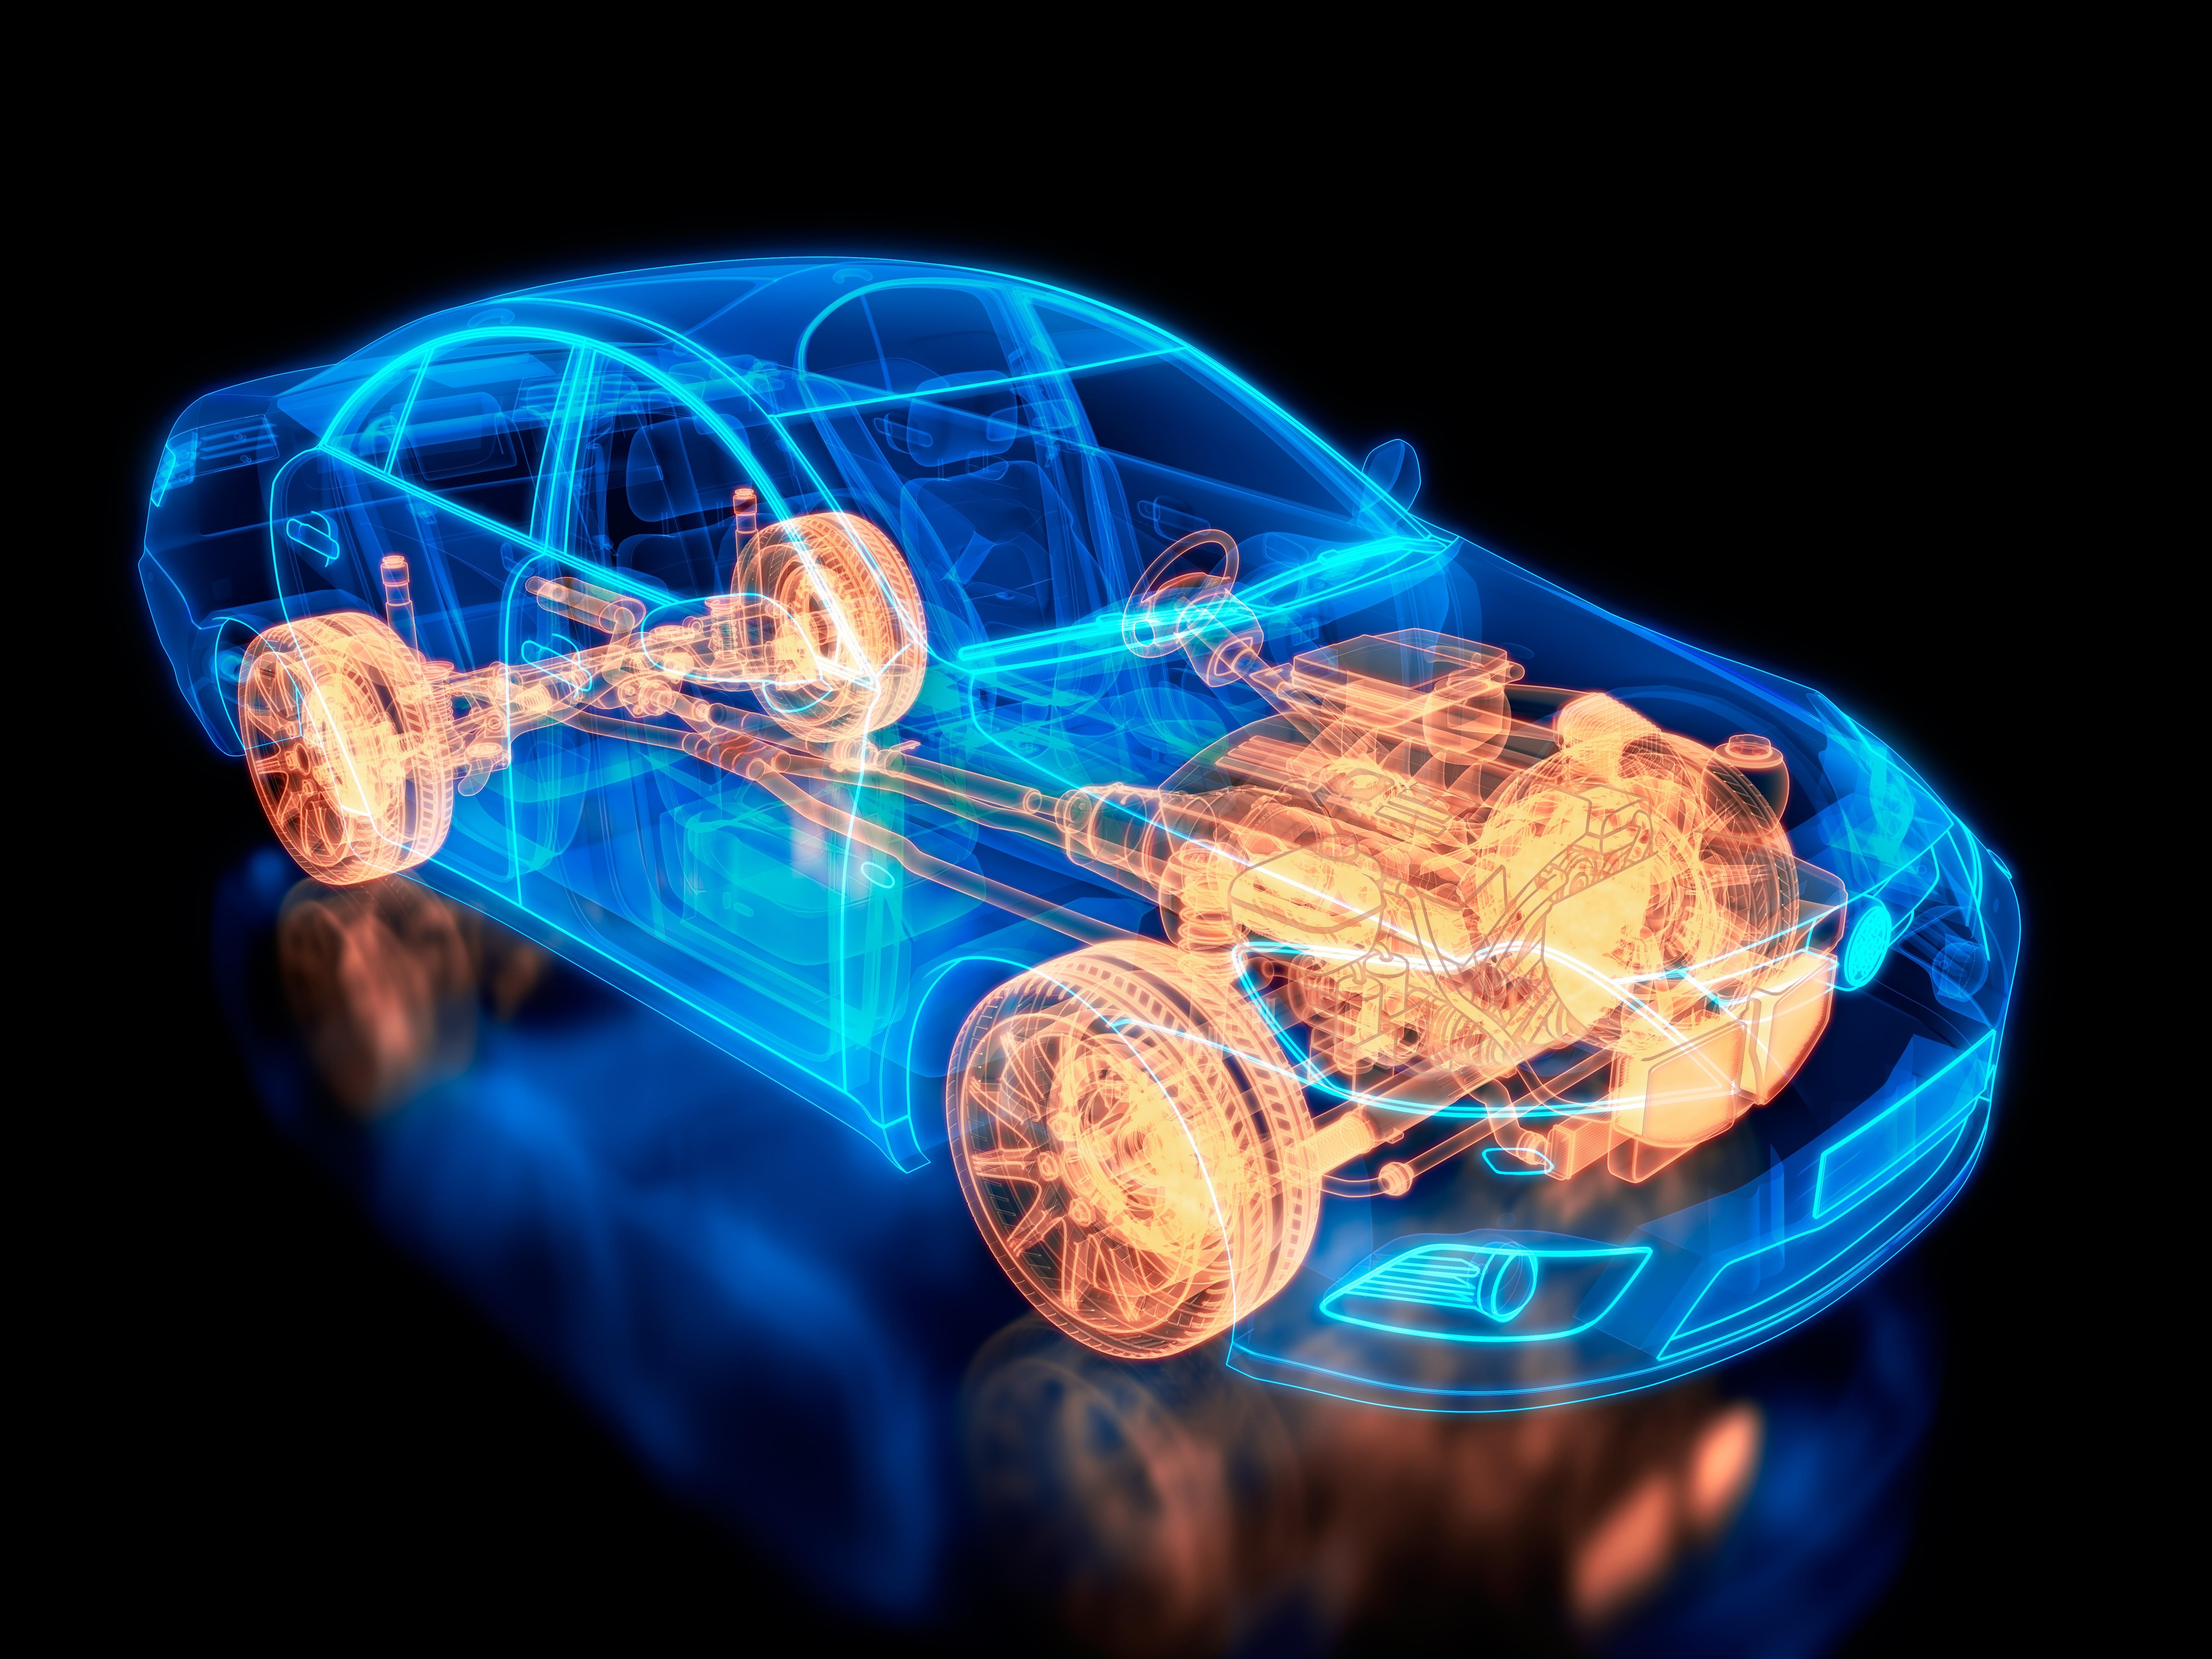 La UVic-UCC impartirà el primer grau en Enginyeria de l'Automoció de Catalunya en format dual